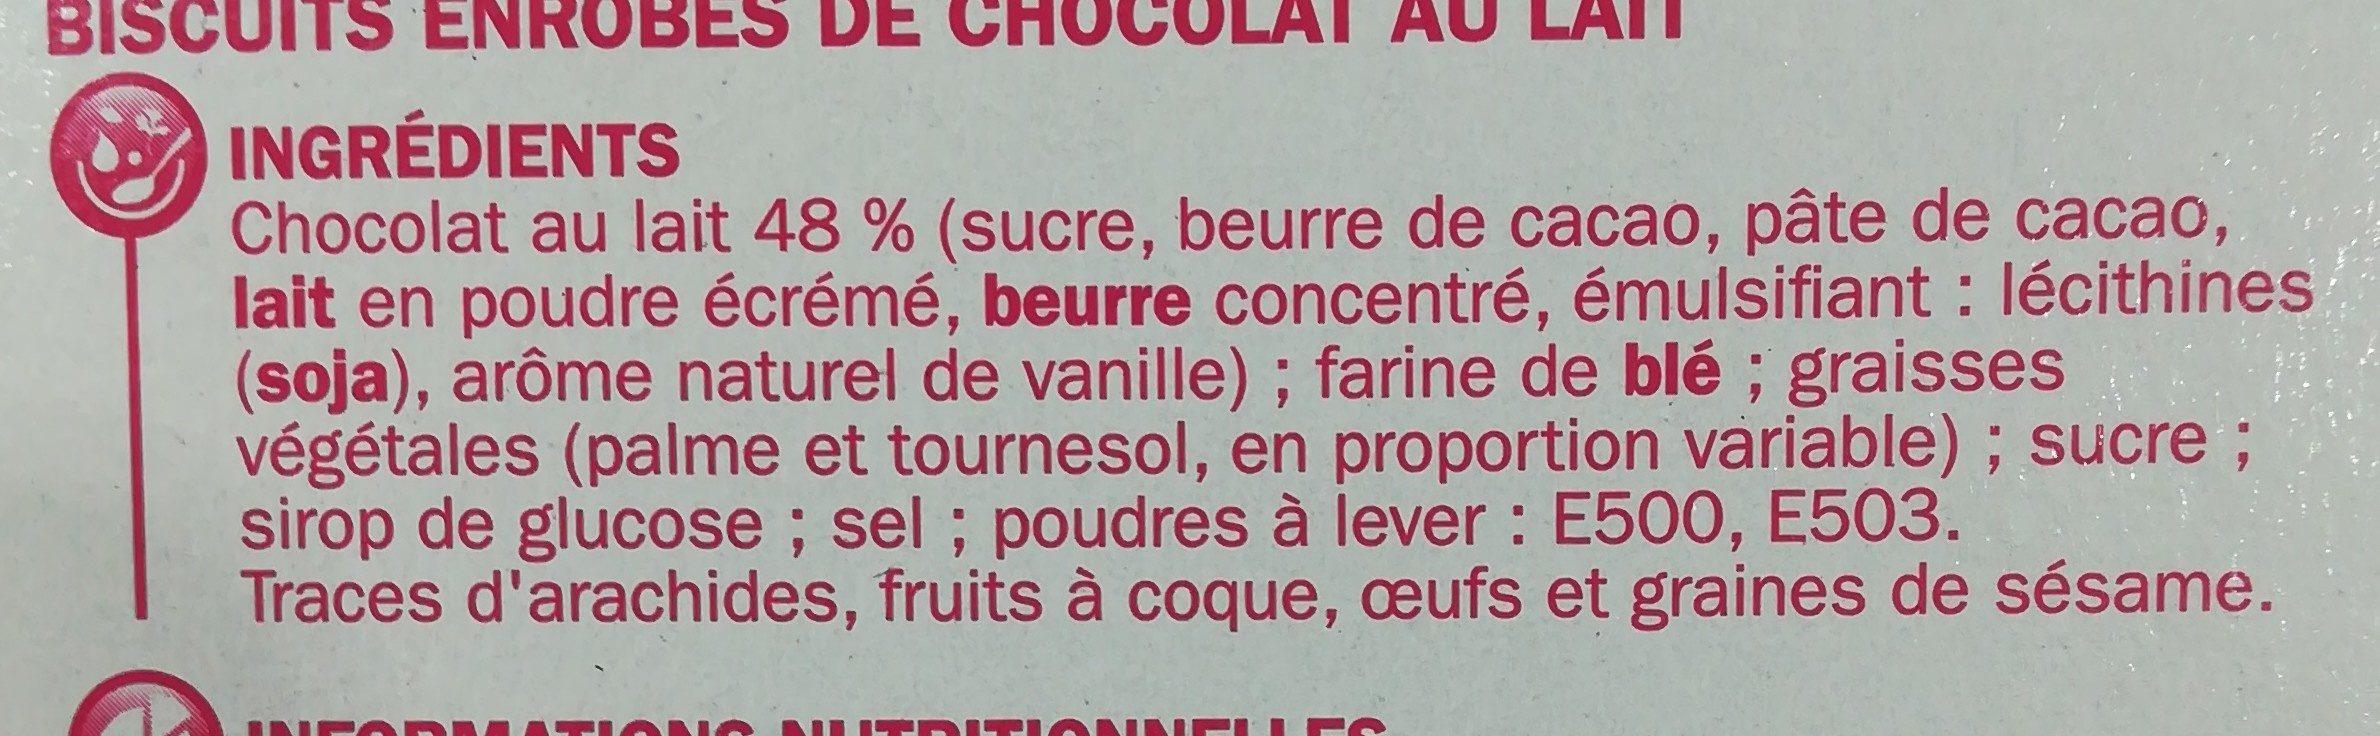 Bâtonnets enrobés de chocolat au lait - Ingrediënten